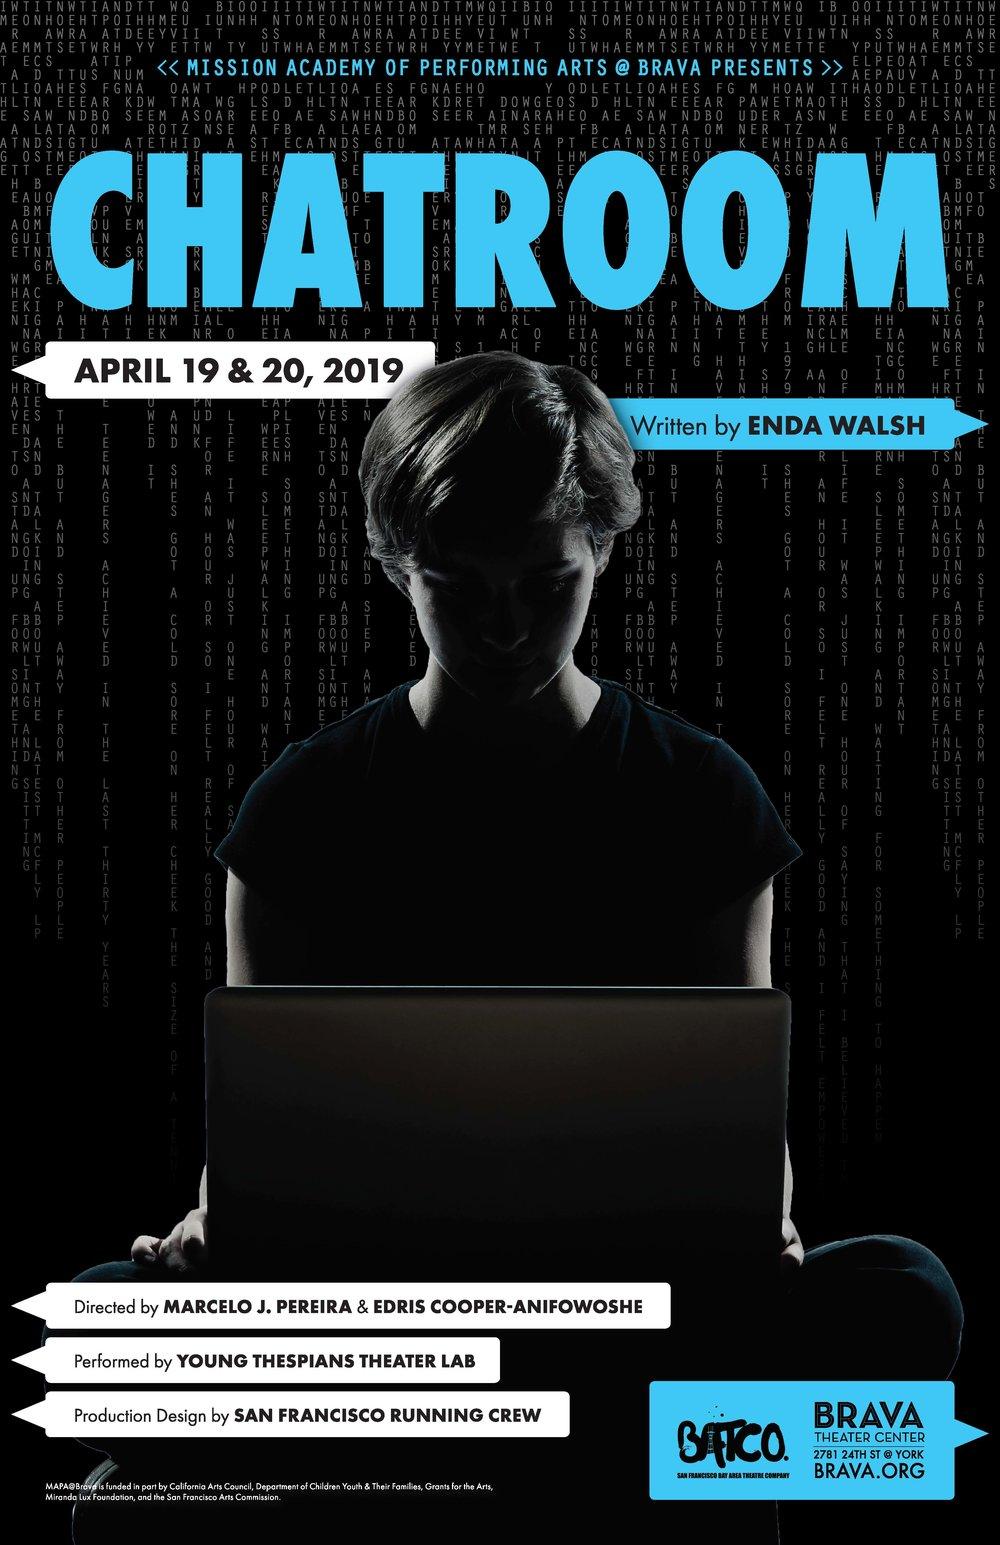 Brava, MAPA Chatroom, poster 3-19-19 for print.jpg